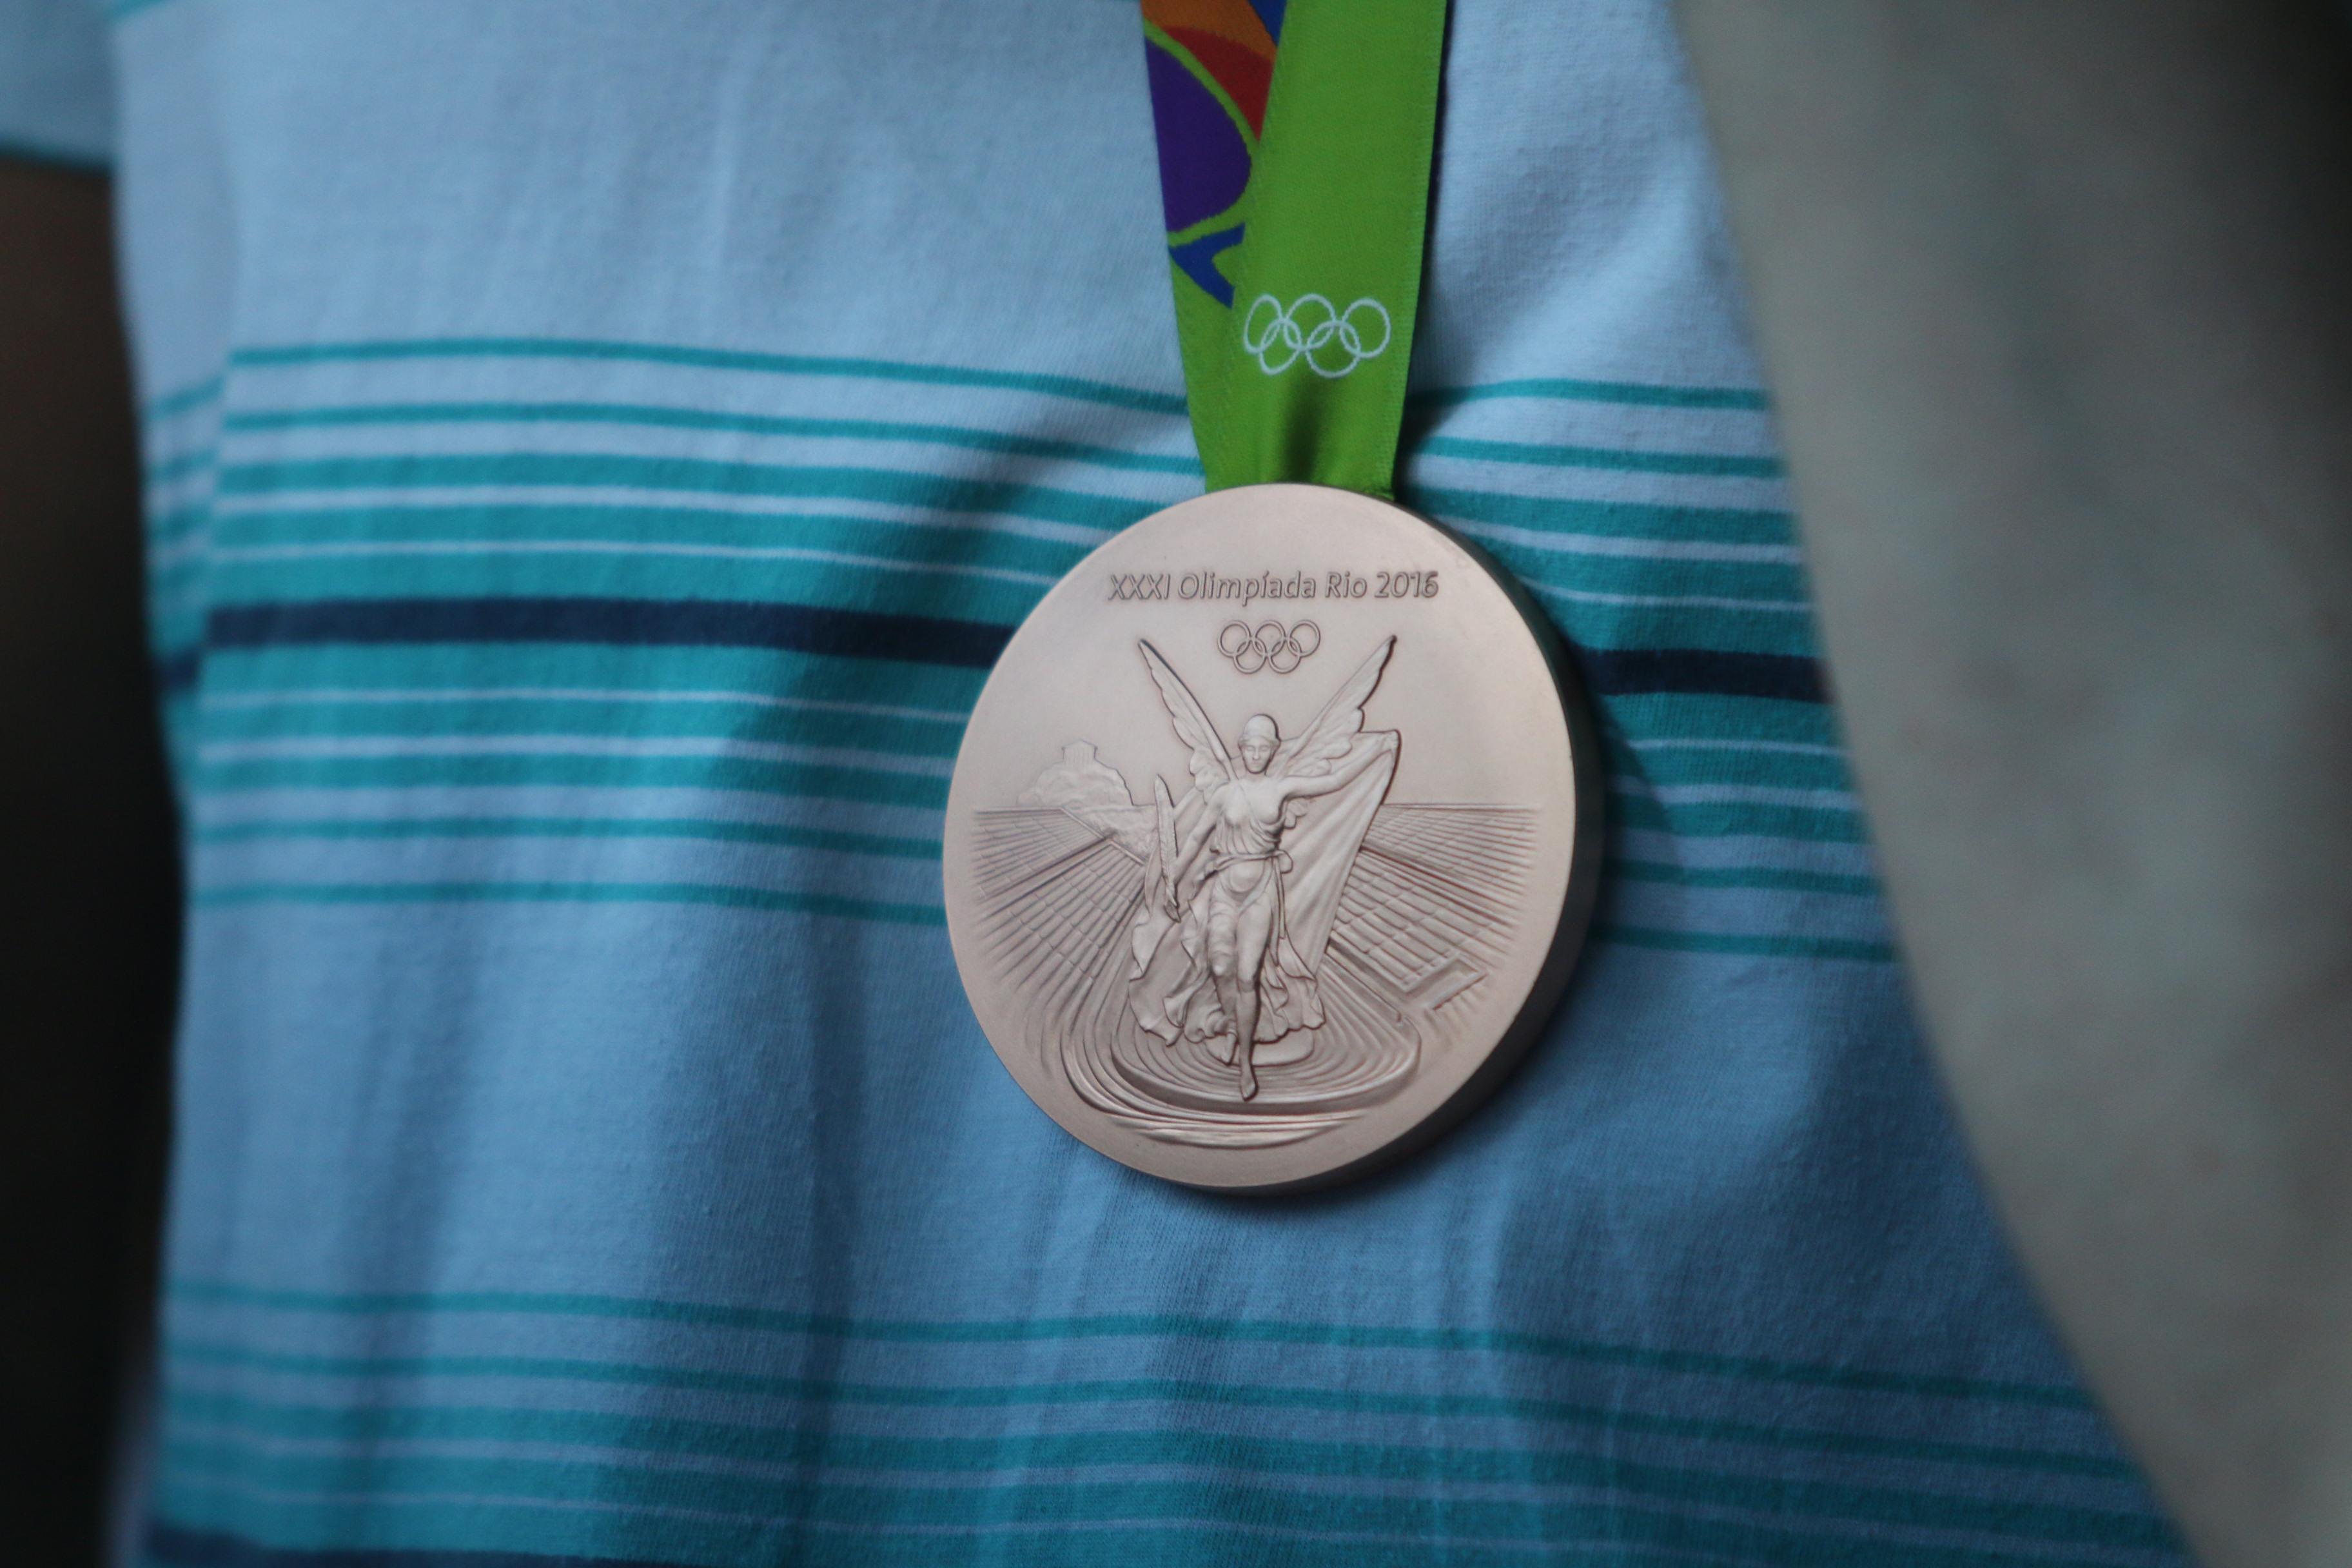 Das Ziel: Die olympische Medaille! (Foto: TV 01)